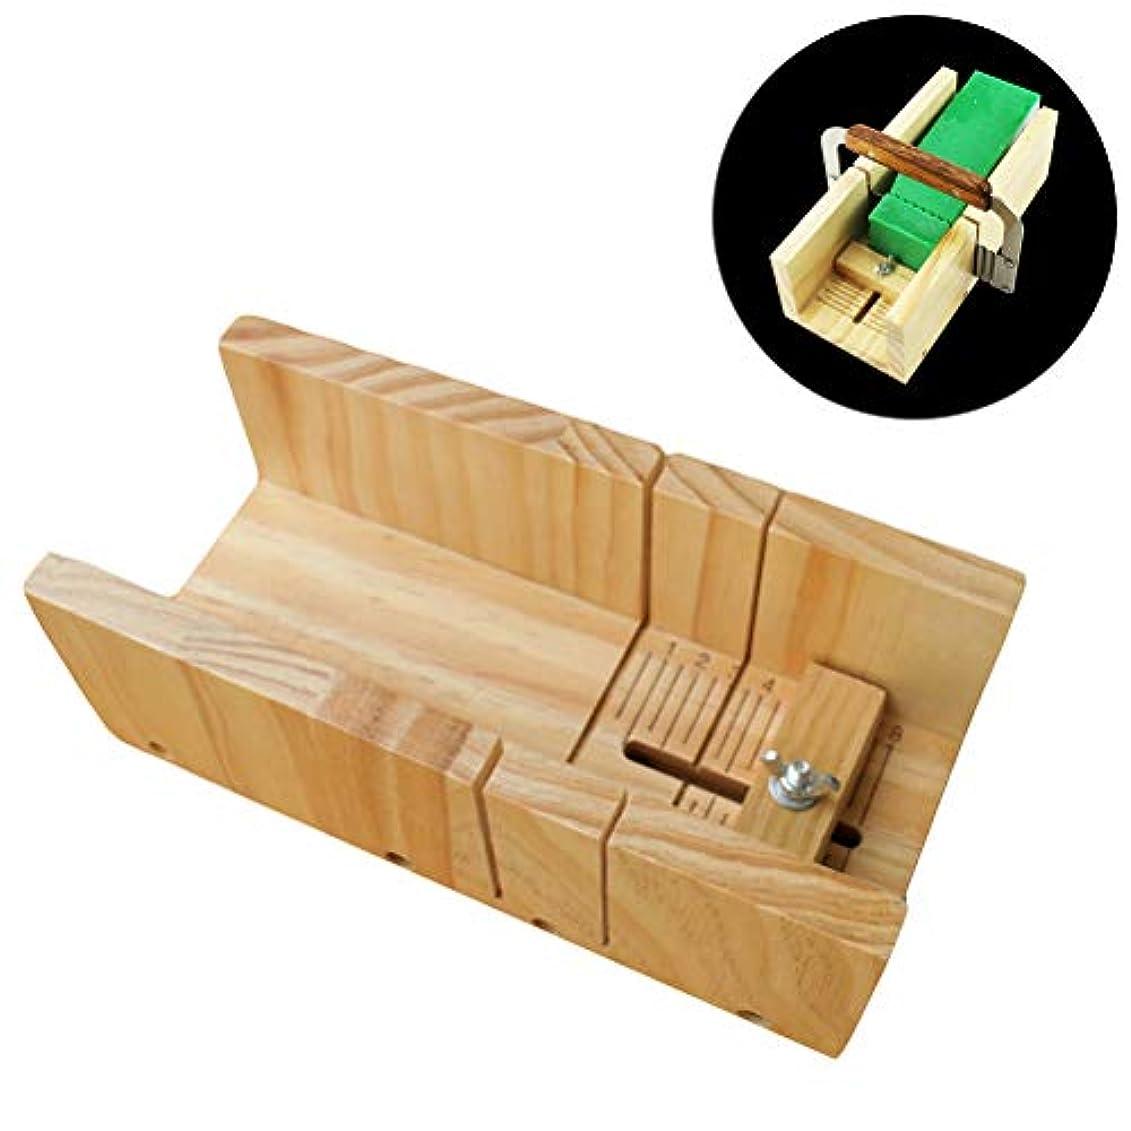 リラックス鮫記述するHealifty 木製石鹸カッターモールド石鹸ロープモールド調節可能なカッターモールドボックス石鹸ツールを作る